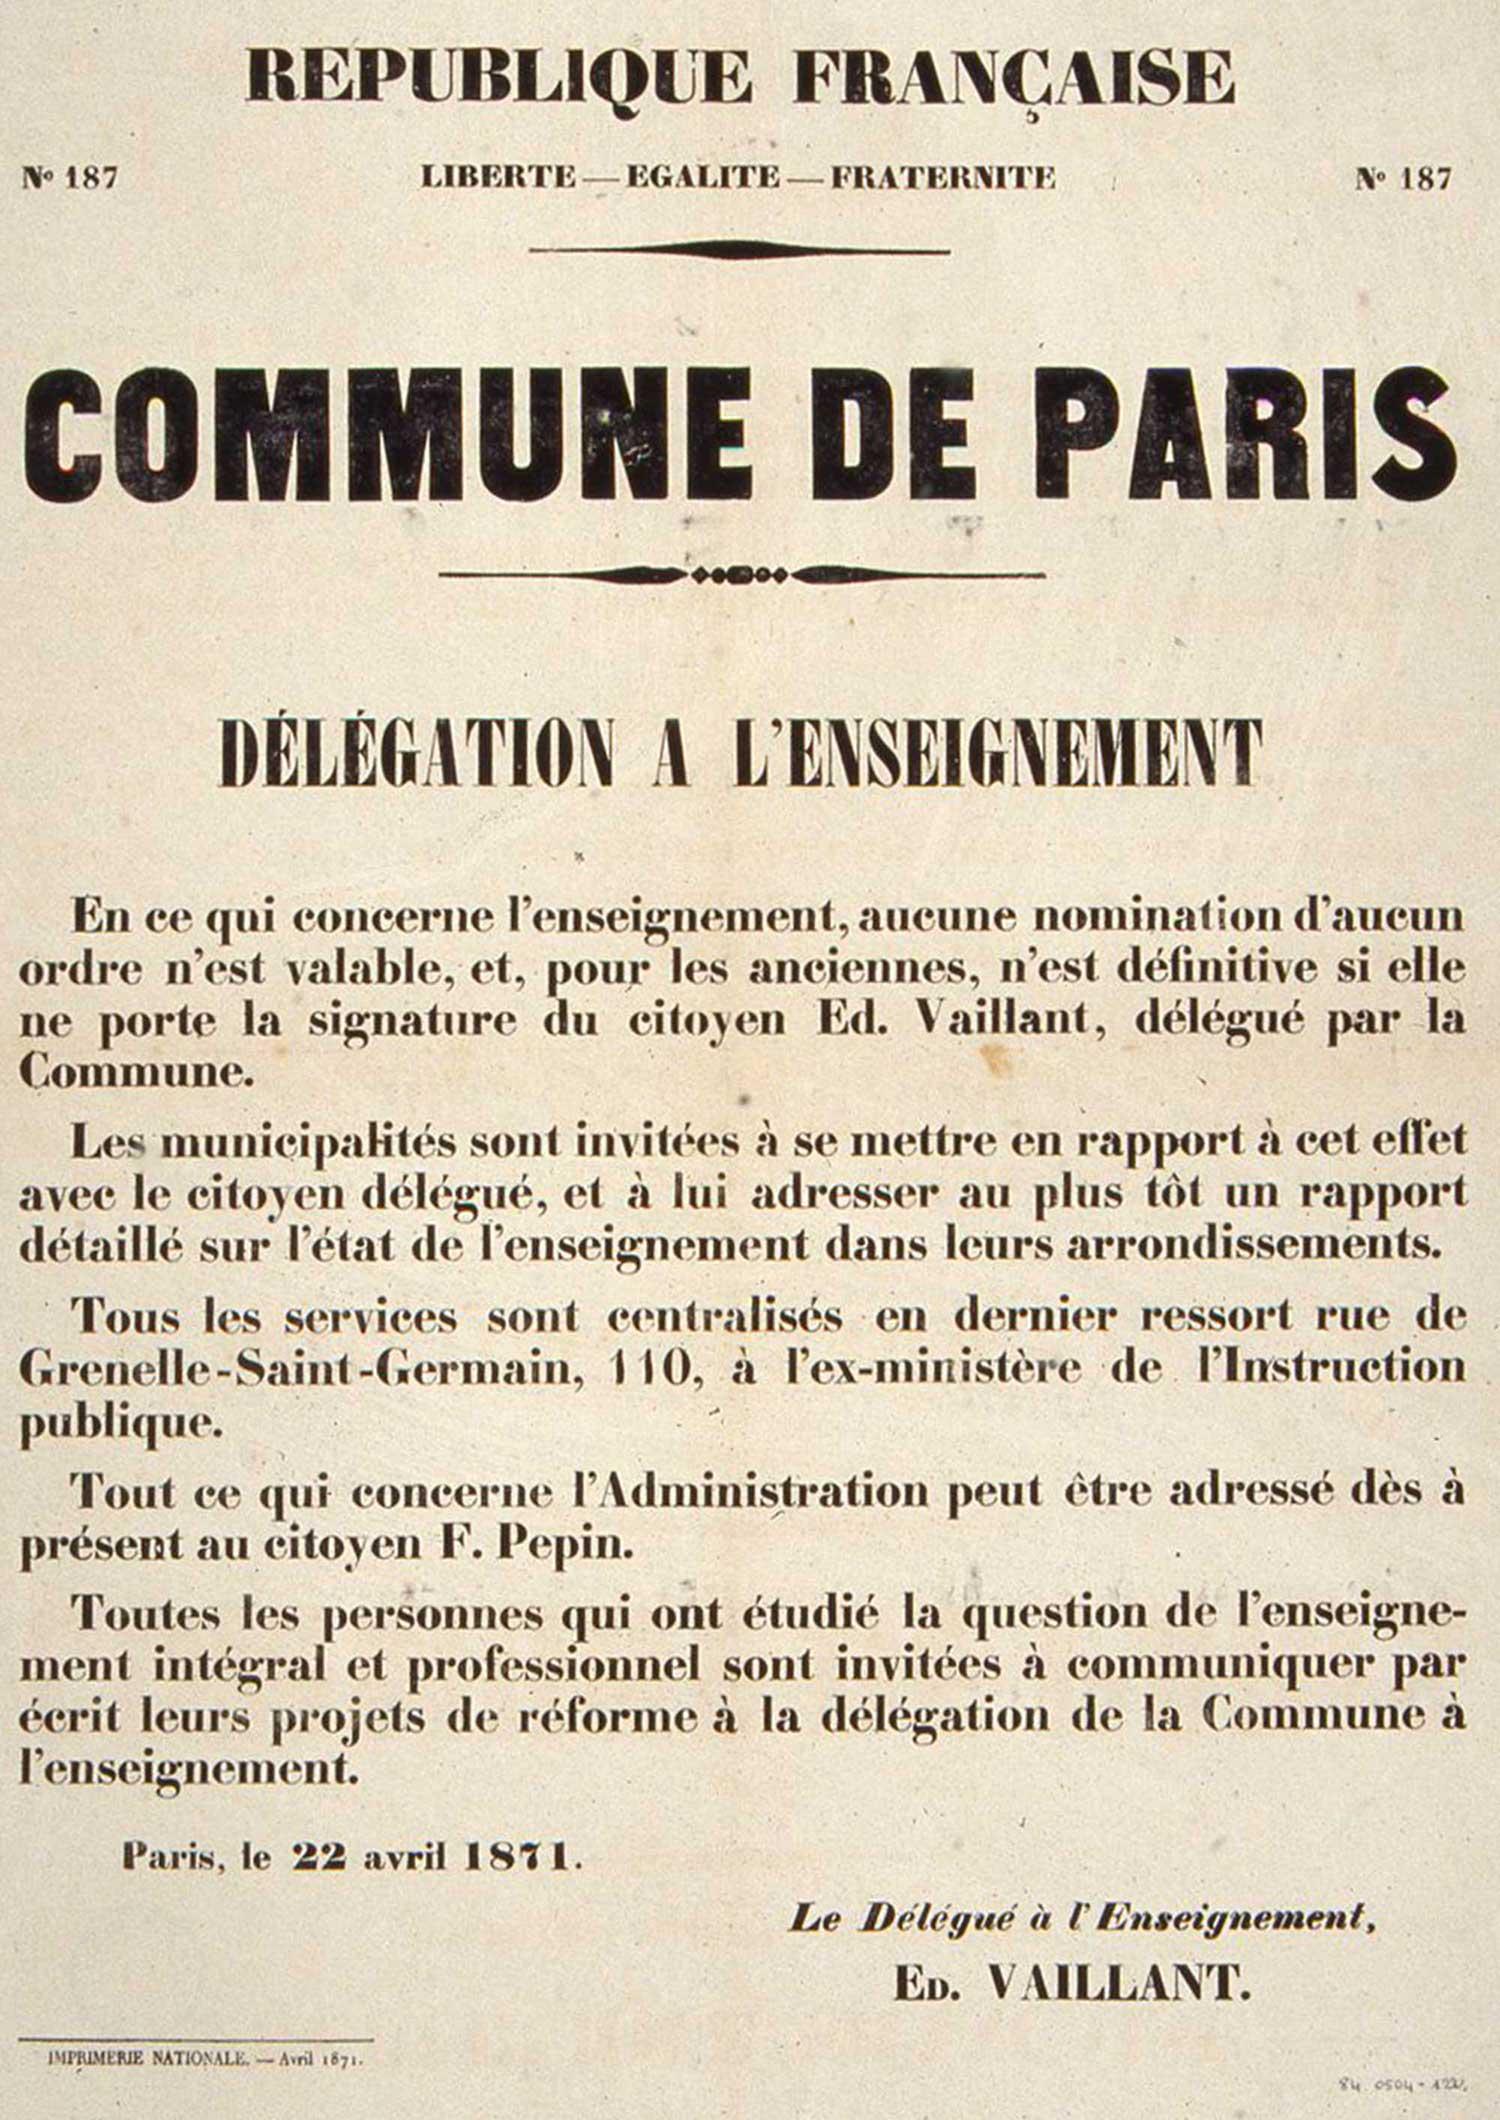 La Commune De Paris De 1871 Louise Michel Et L Anarchisme